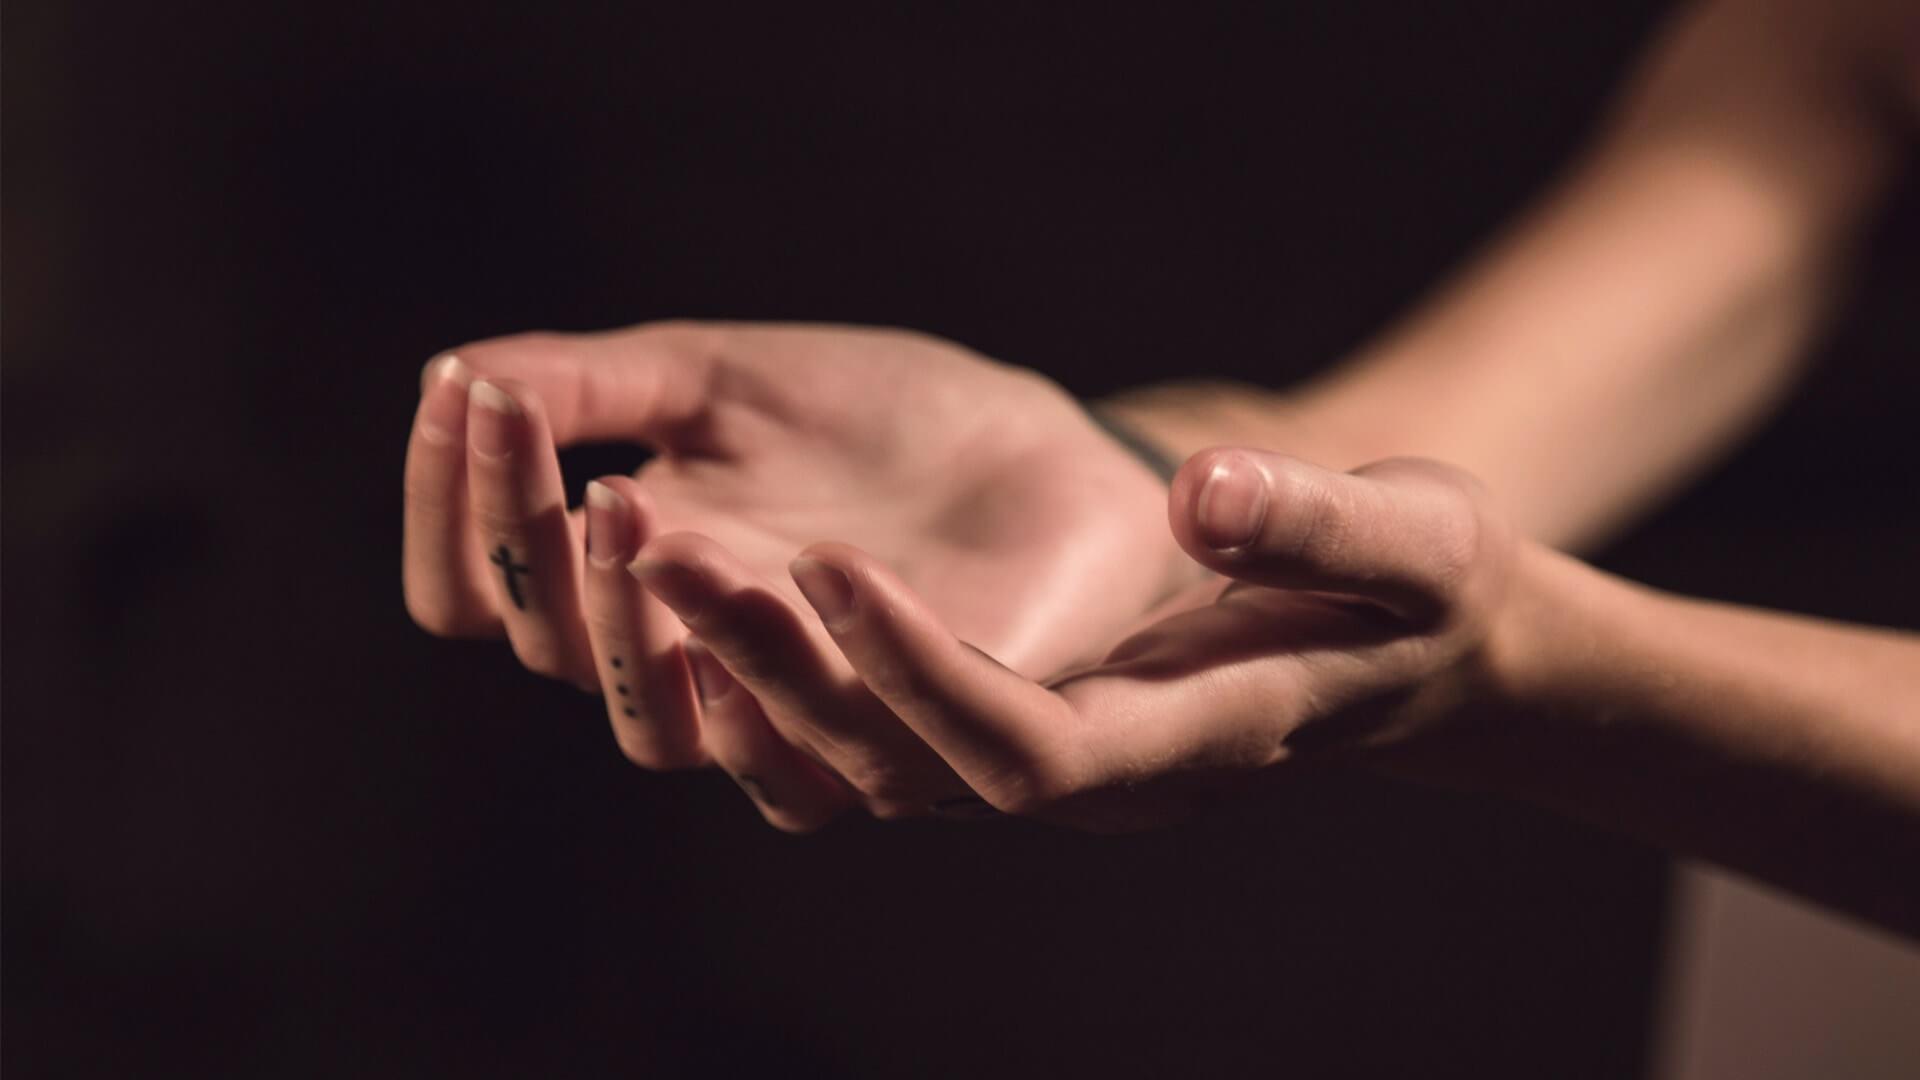 Descubra o Segredo da Oração Que Funciona